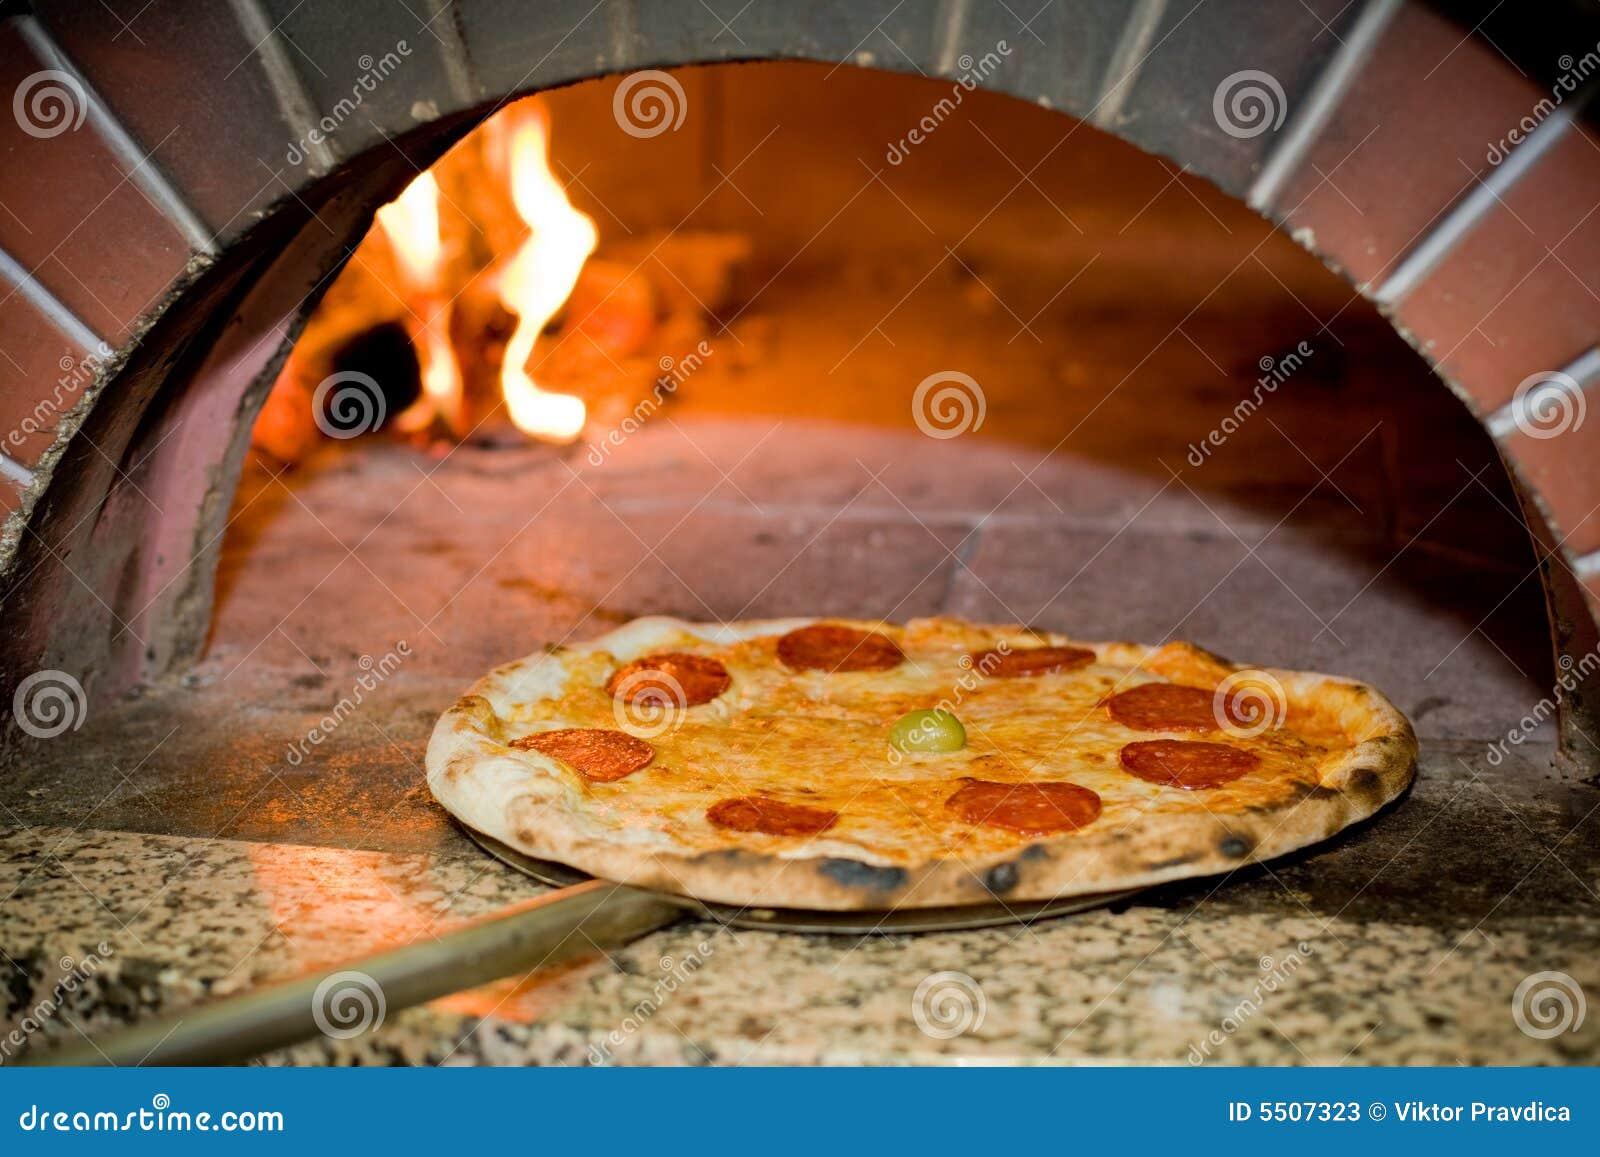 pizza cuite au four image stock image du pizza pizzeria. Black Bedroom Furniture Sets. Home Design Ideas